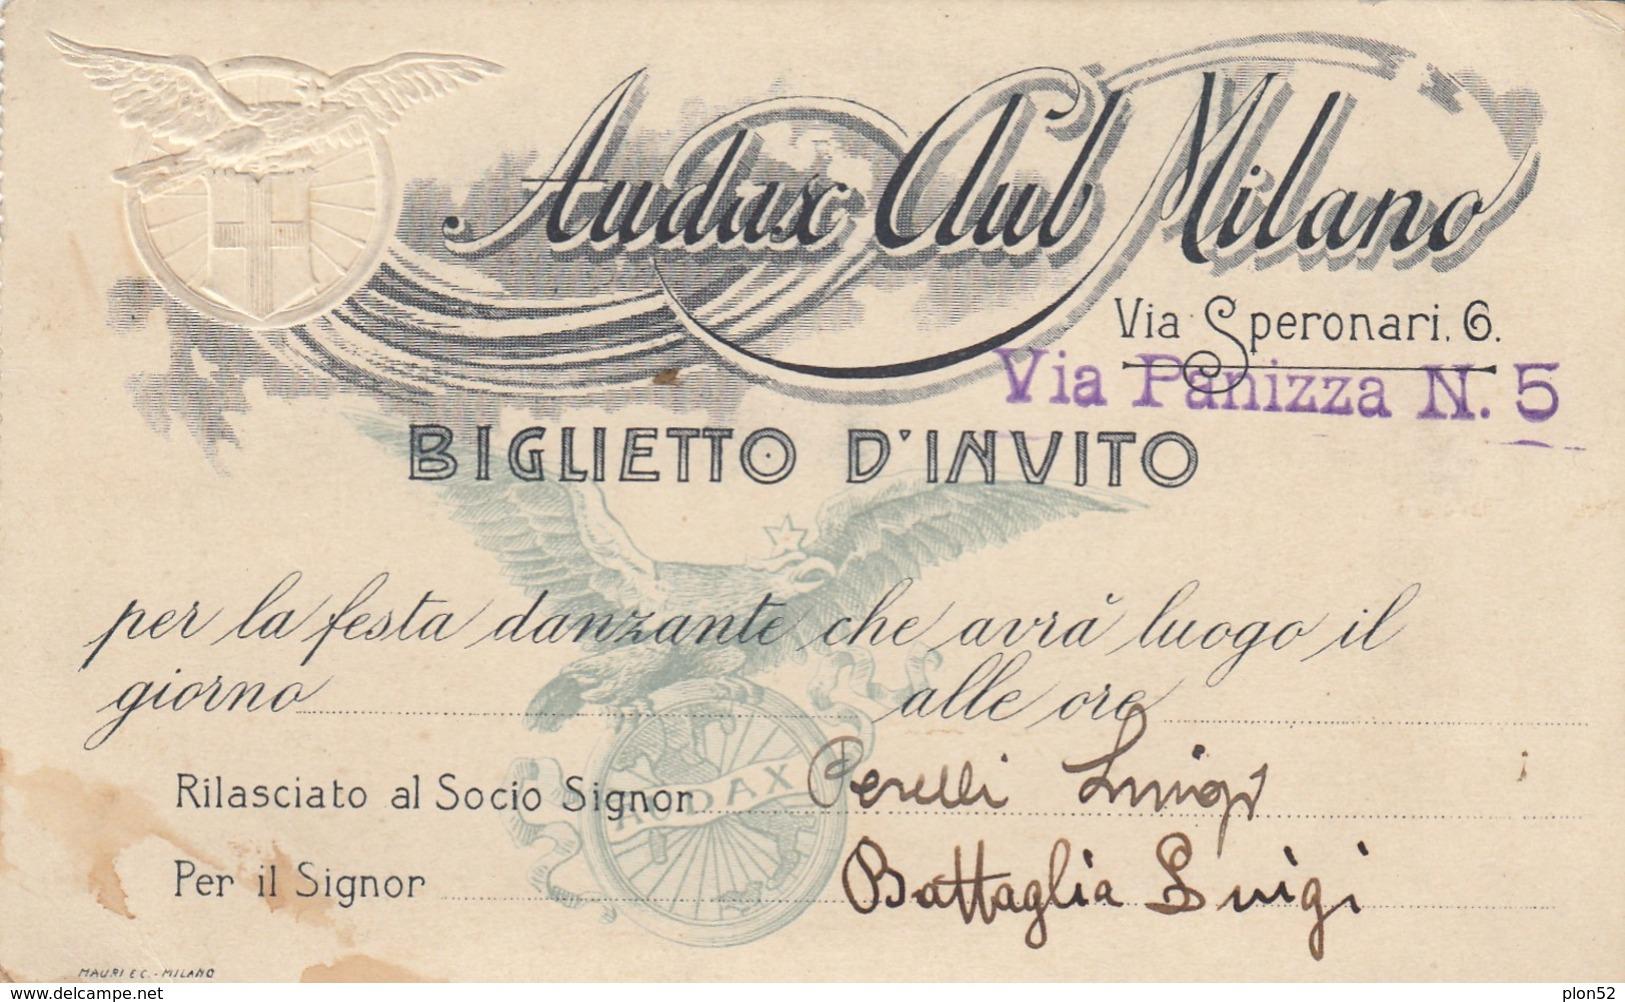 12267-BIGLIETTO D'INVITO-AUDAX CLUB MILANO-FESTA DANZANTE - Biglietti D'ingresso